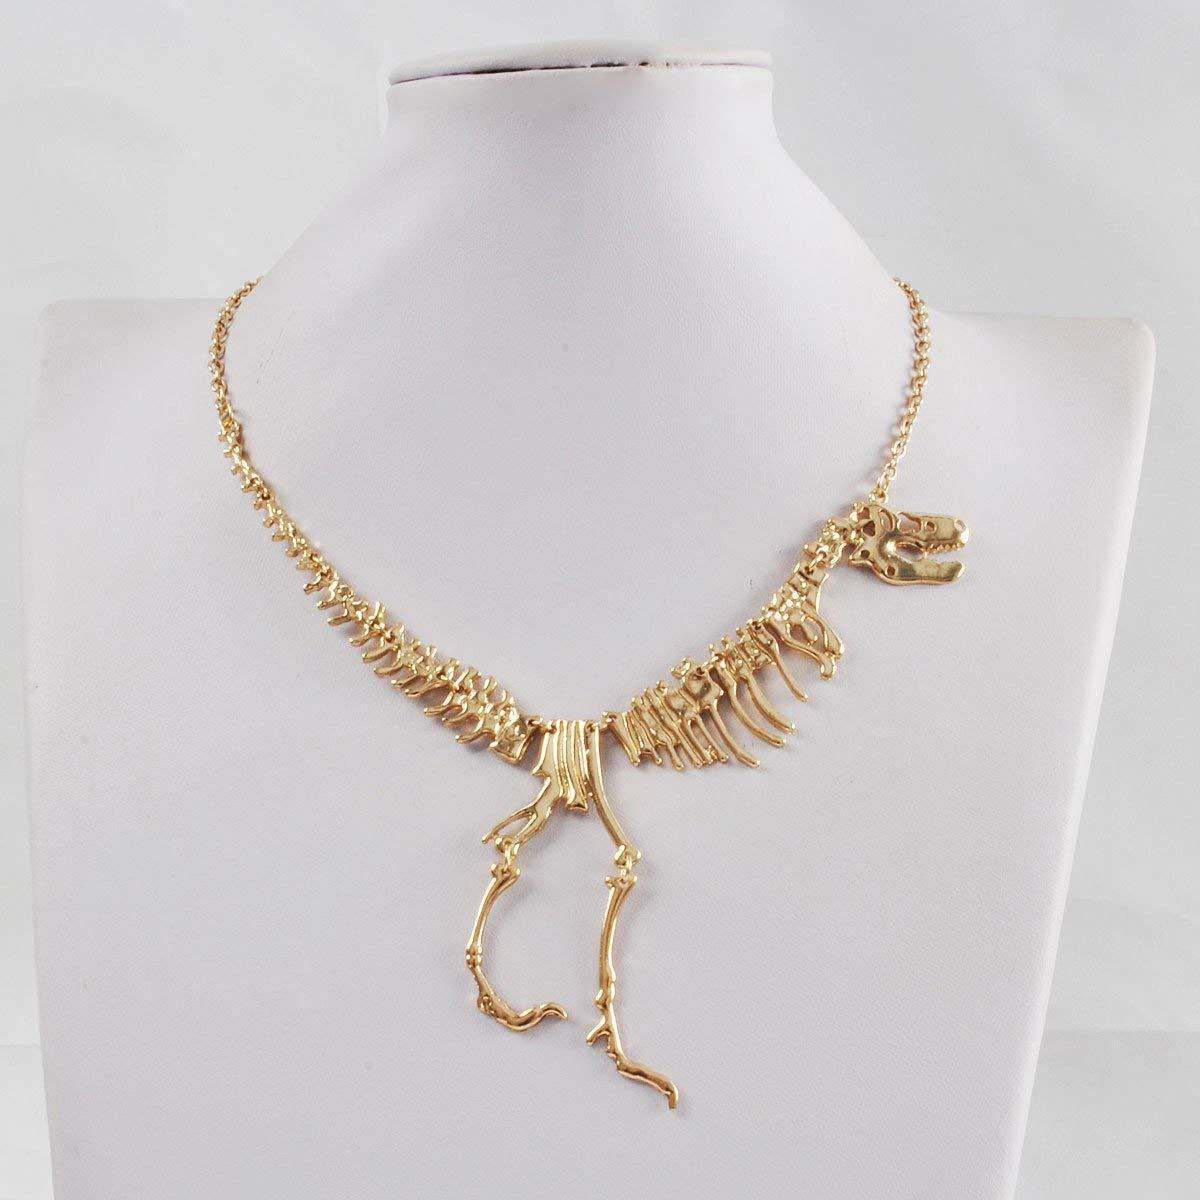 Collana vintage con dinosauro a collo corto, bigiotteria per donne e ragazze. e materiale non metallico, colore: Gold, cod. QBSPOPRT-3E